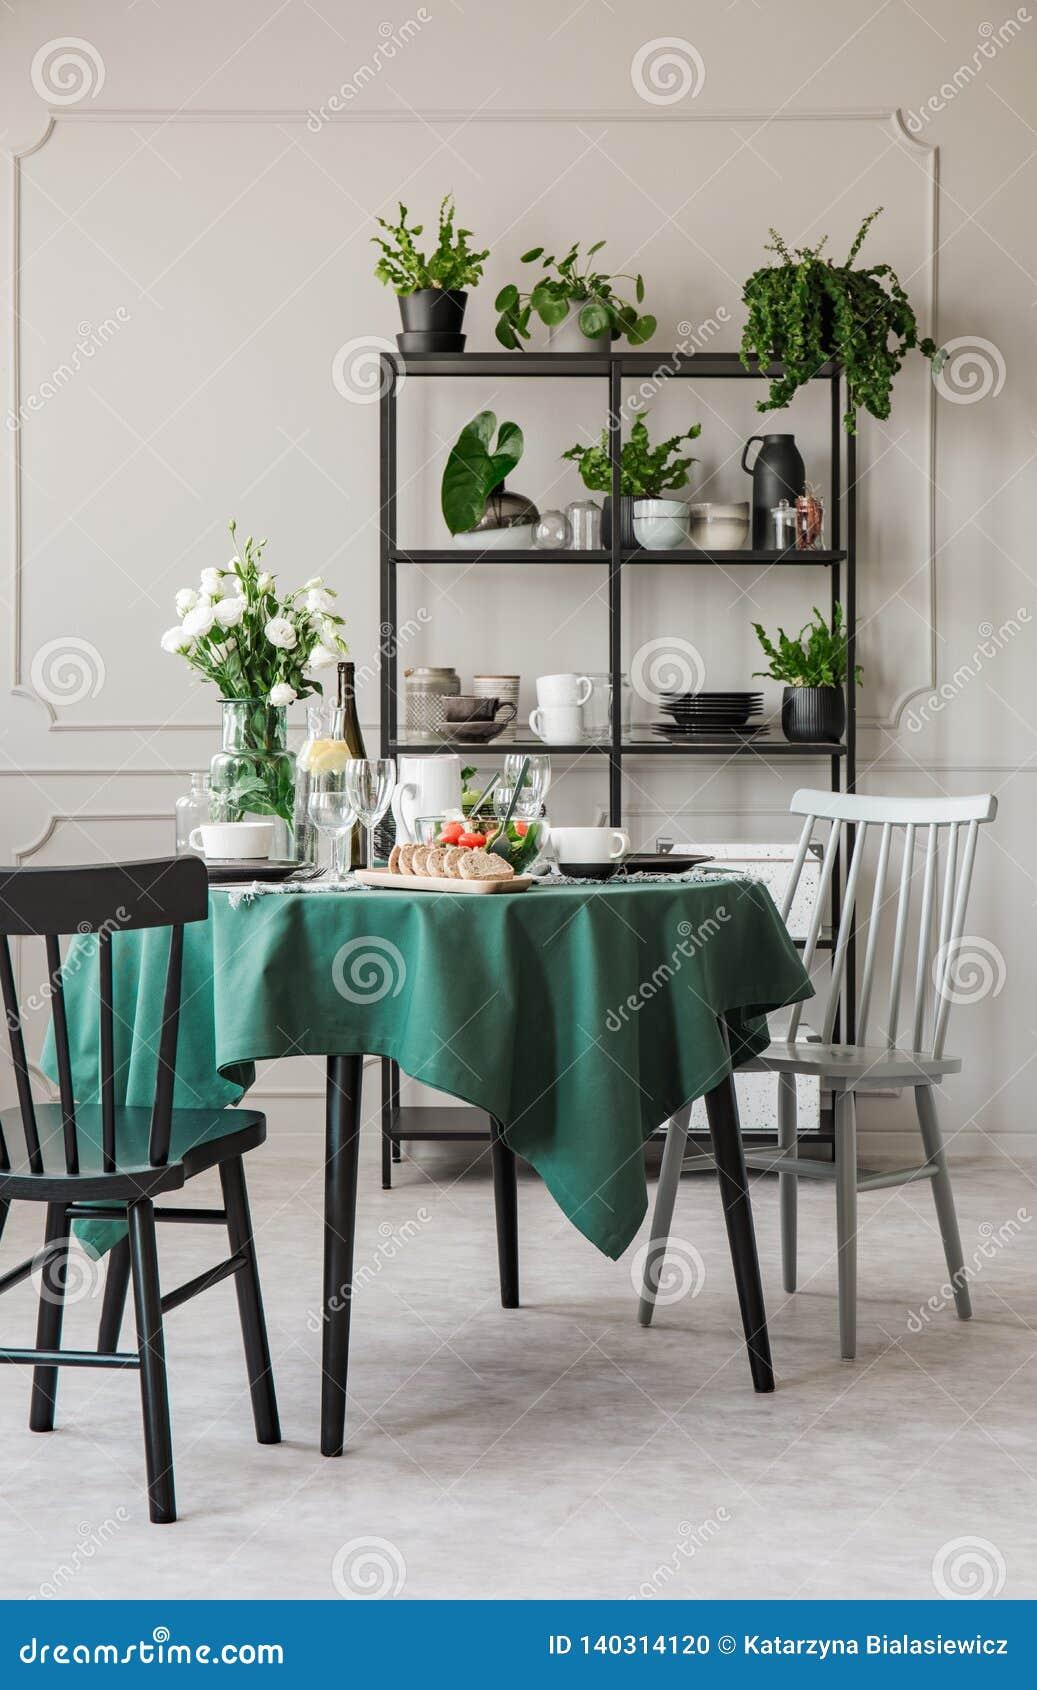 Chaises Elegantes A La Table Ronde Avec La Nappe Verte Dans La